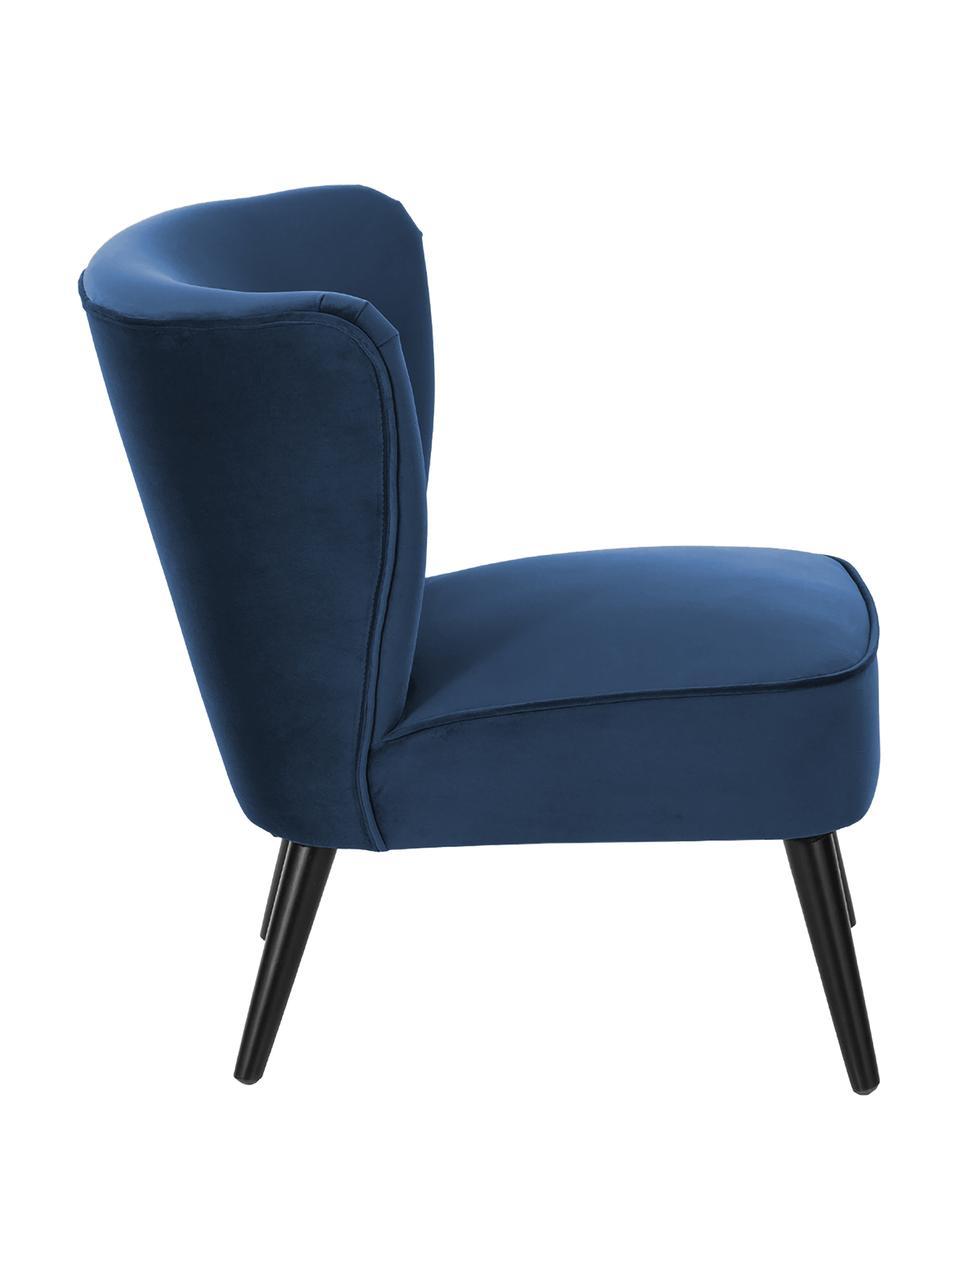 Fotel koktajlowy z aksamitu Robine, Tapicerka: aksamit (poliester) Dzięk, Nogi: drewno sosnowe, lakierowa, Aksamitny ciemny niebieski, S 63 x G 73 cm